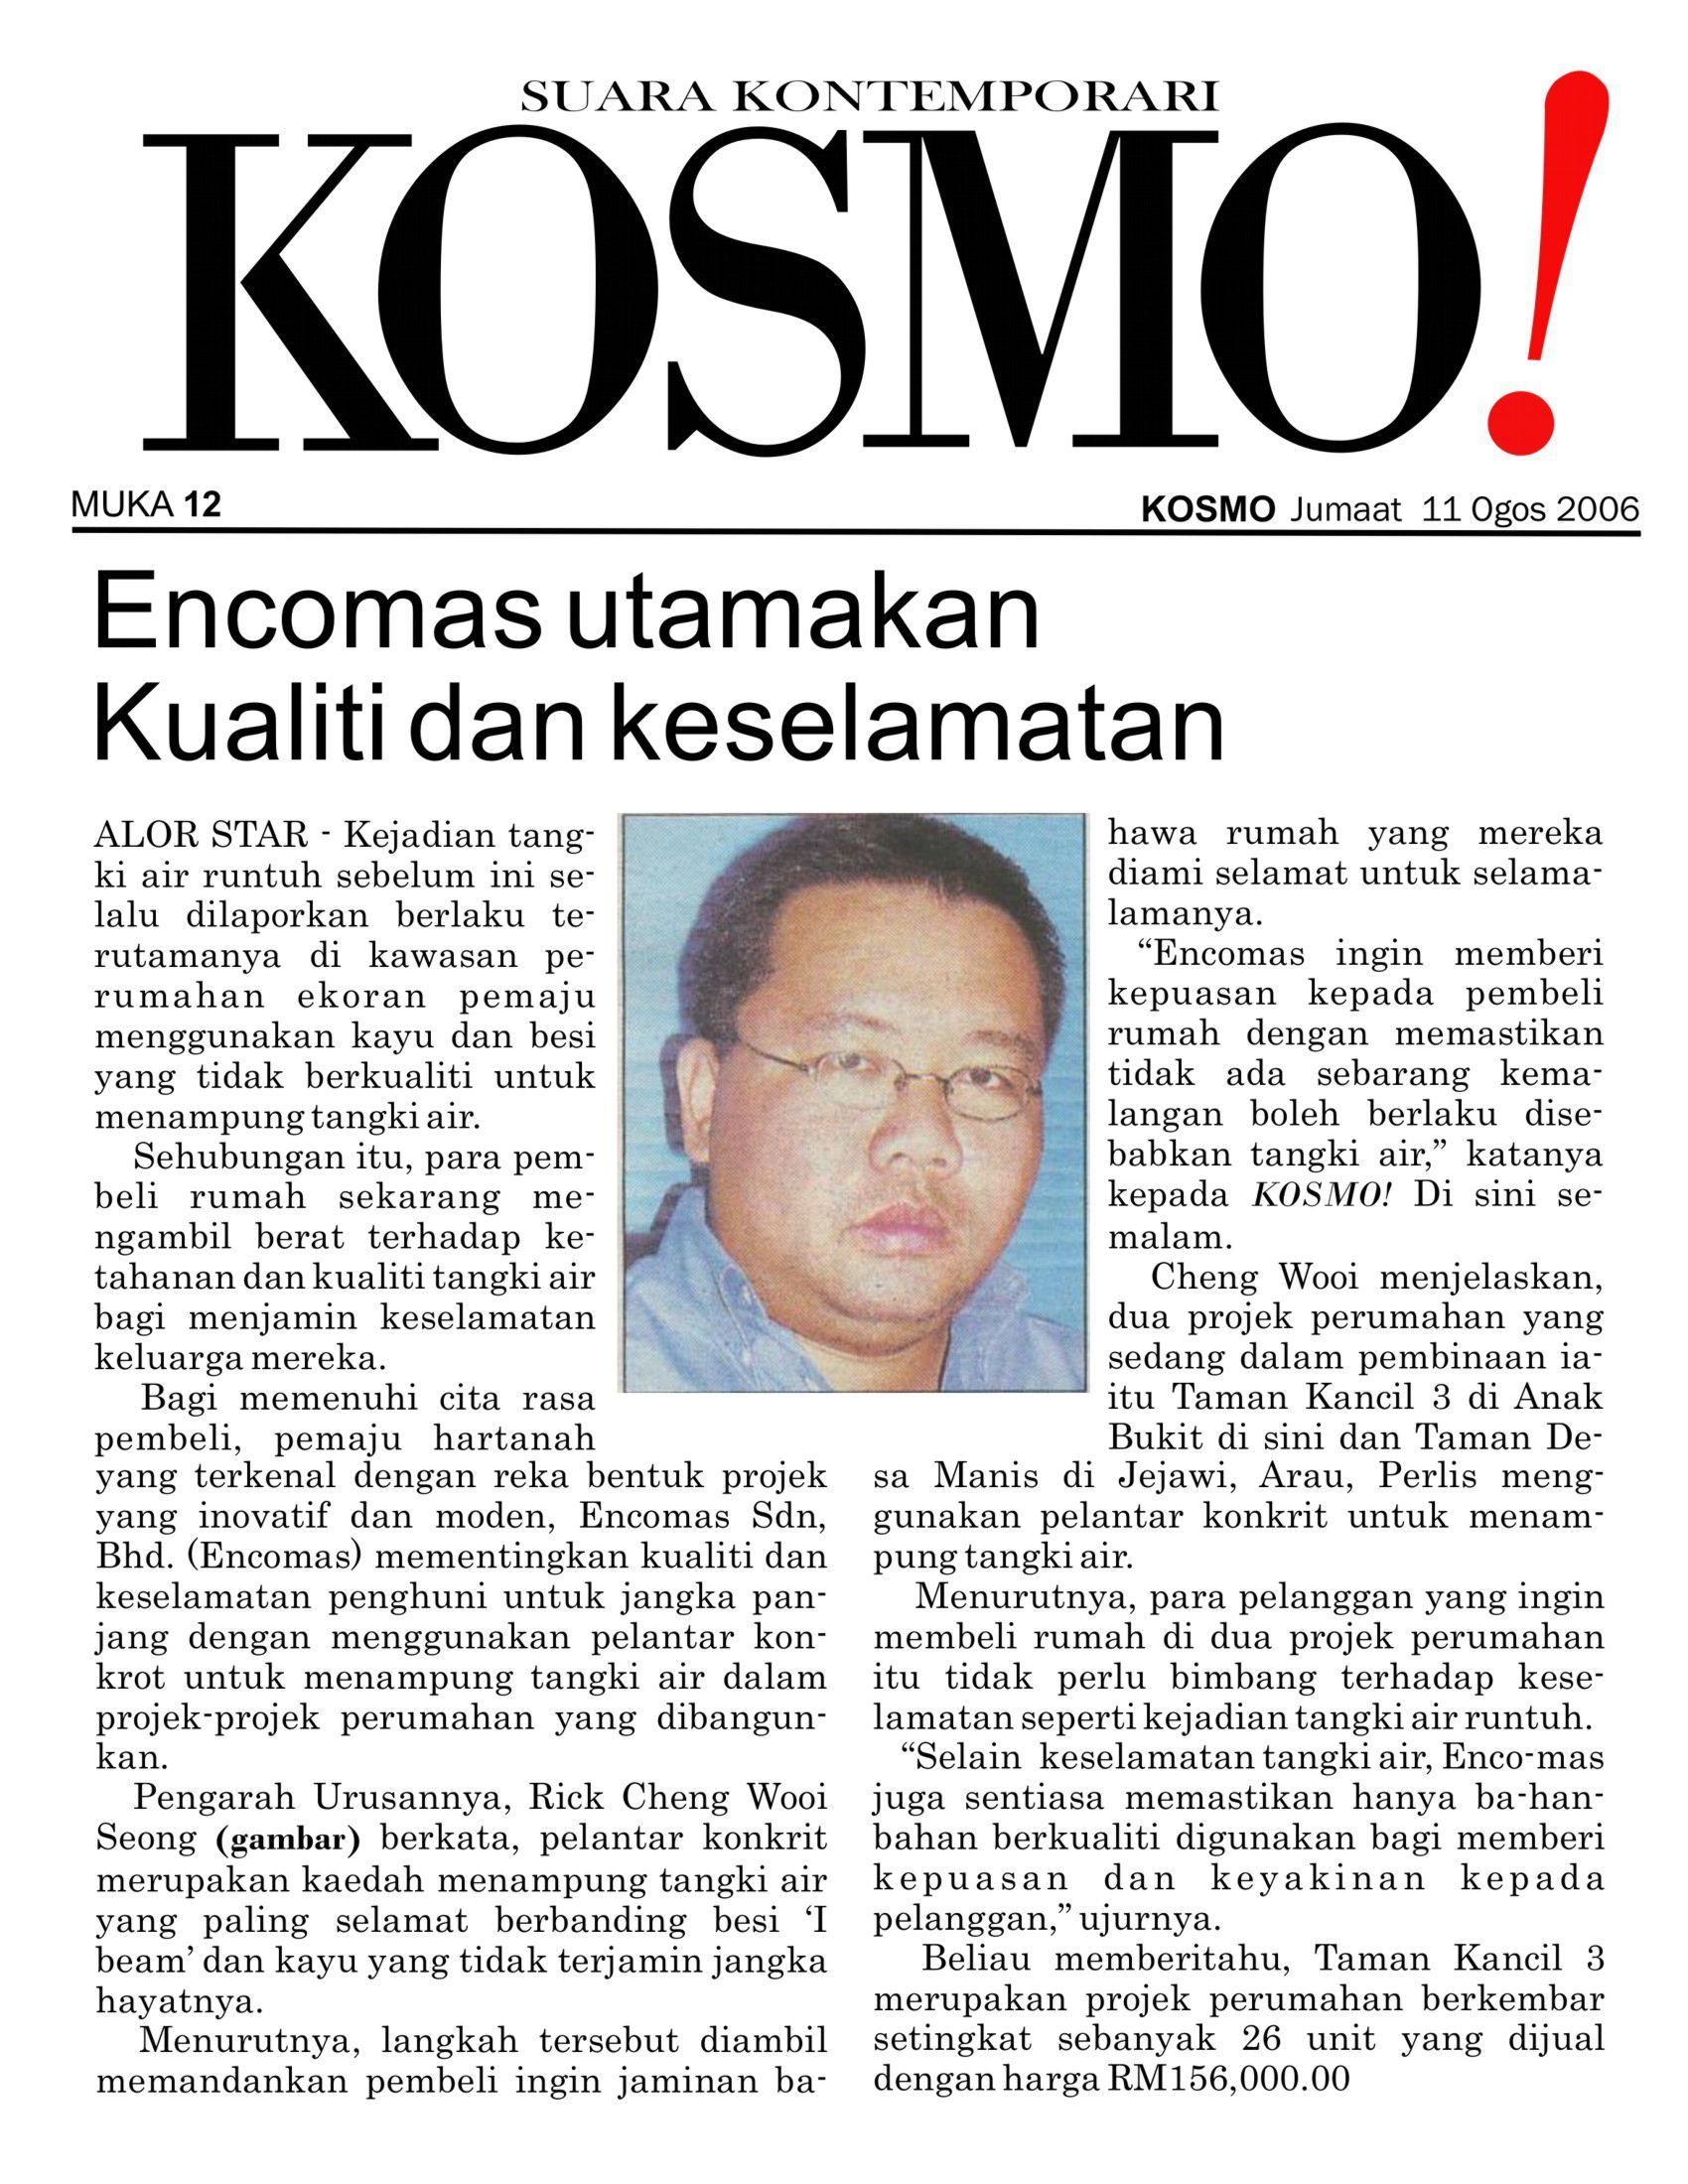 2006_08_11 kosmo - Encomas Utamankan Kualiti dan Keselamatan